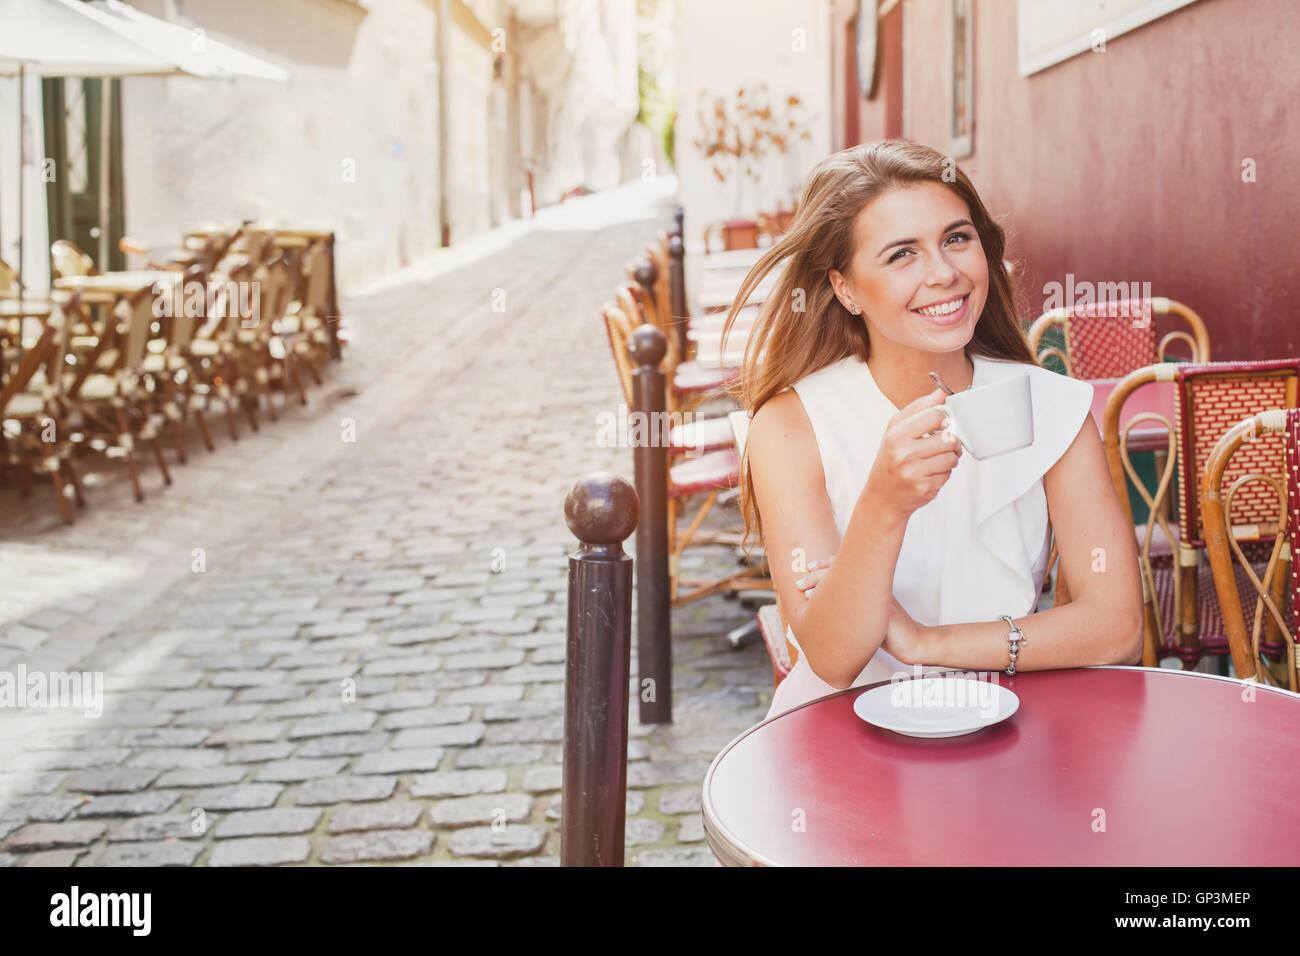 Mujer sonriente bebiendo café en la cafetería de la calle Imagen De Stock